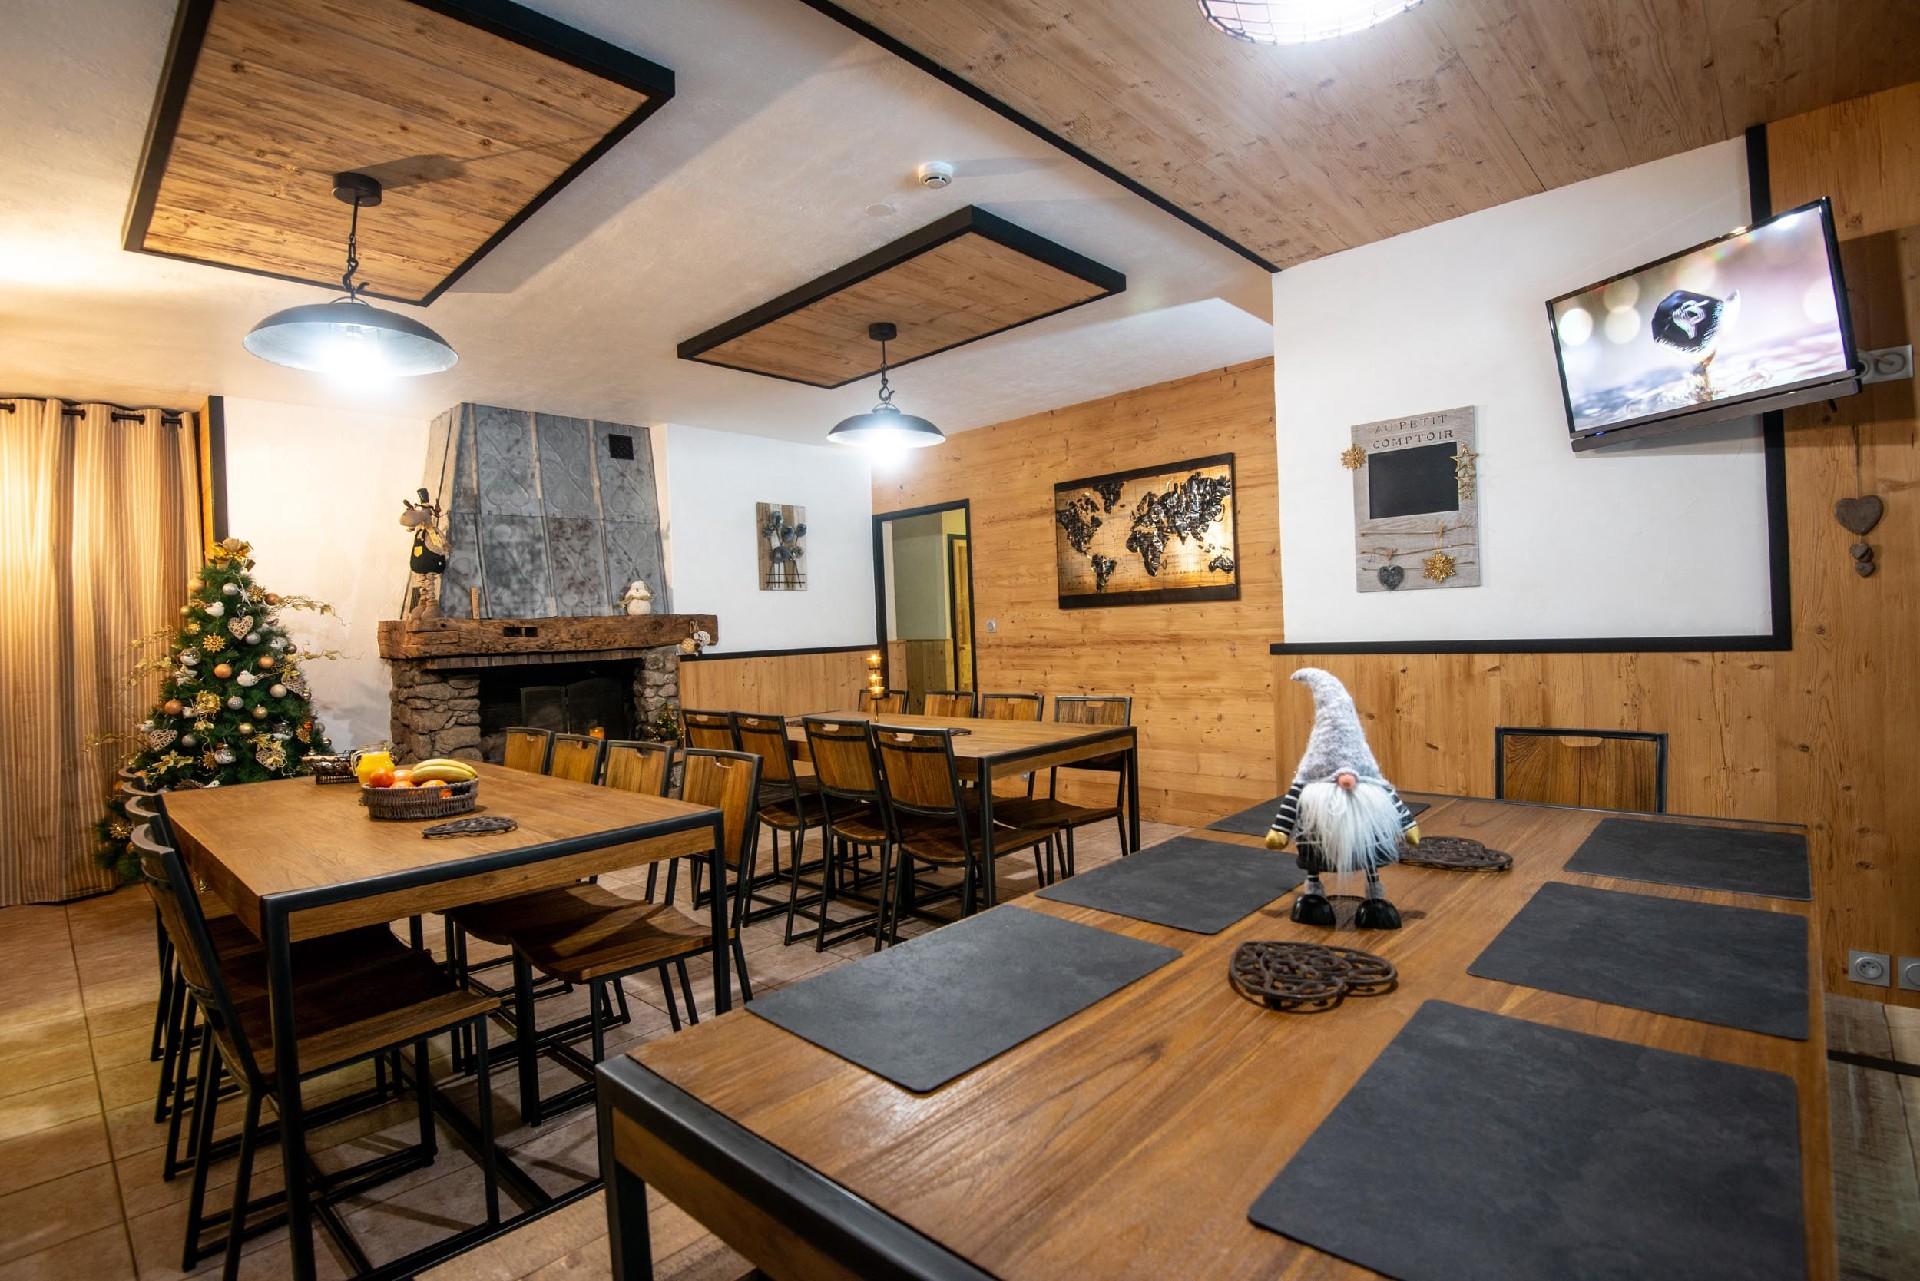 Location gîte Vosges : découvrez notre gite de groupe - Bol d\'air